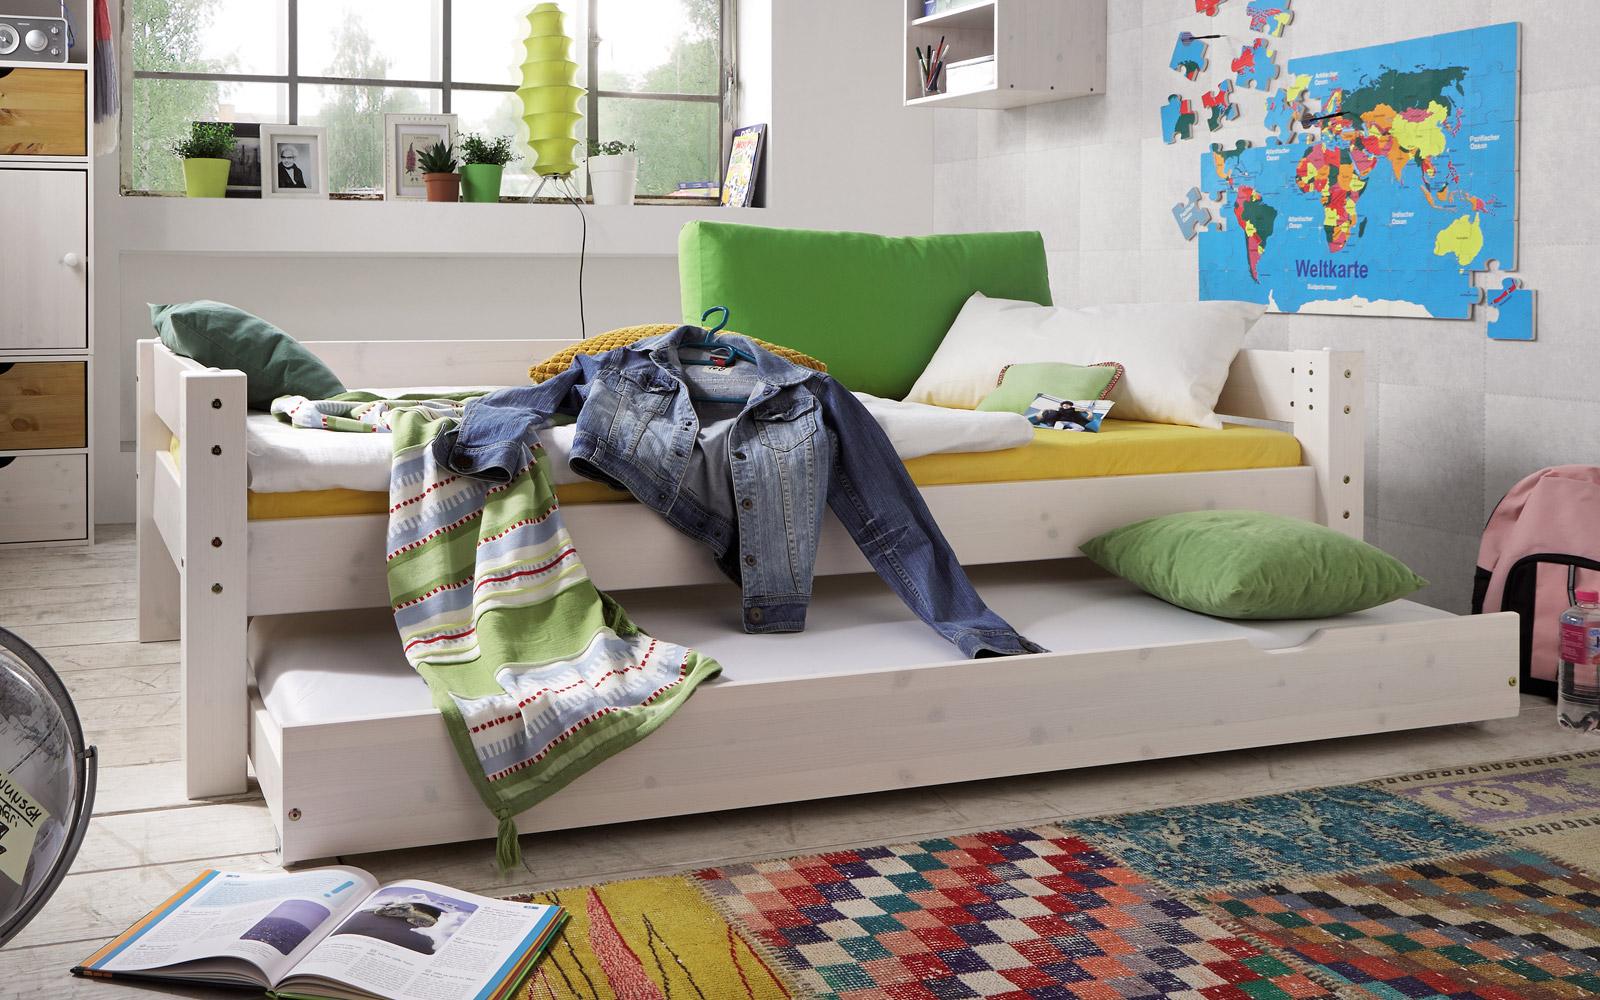 Etagenbett Einzelbett : Gute qualität aus holz etagenbett in weiß einzelbett dachboden